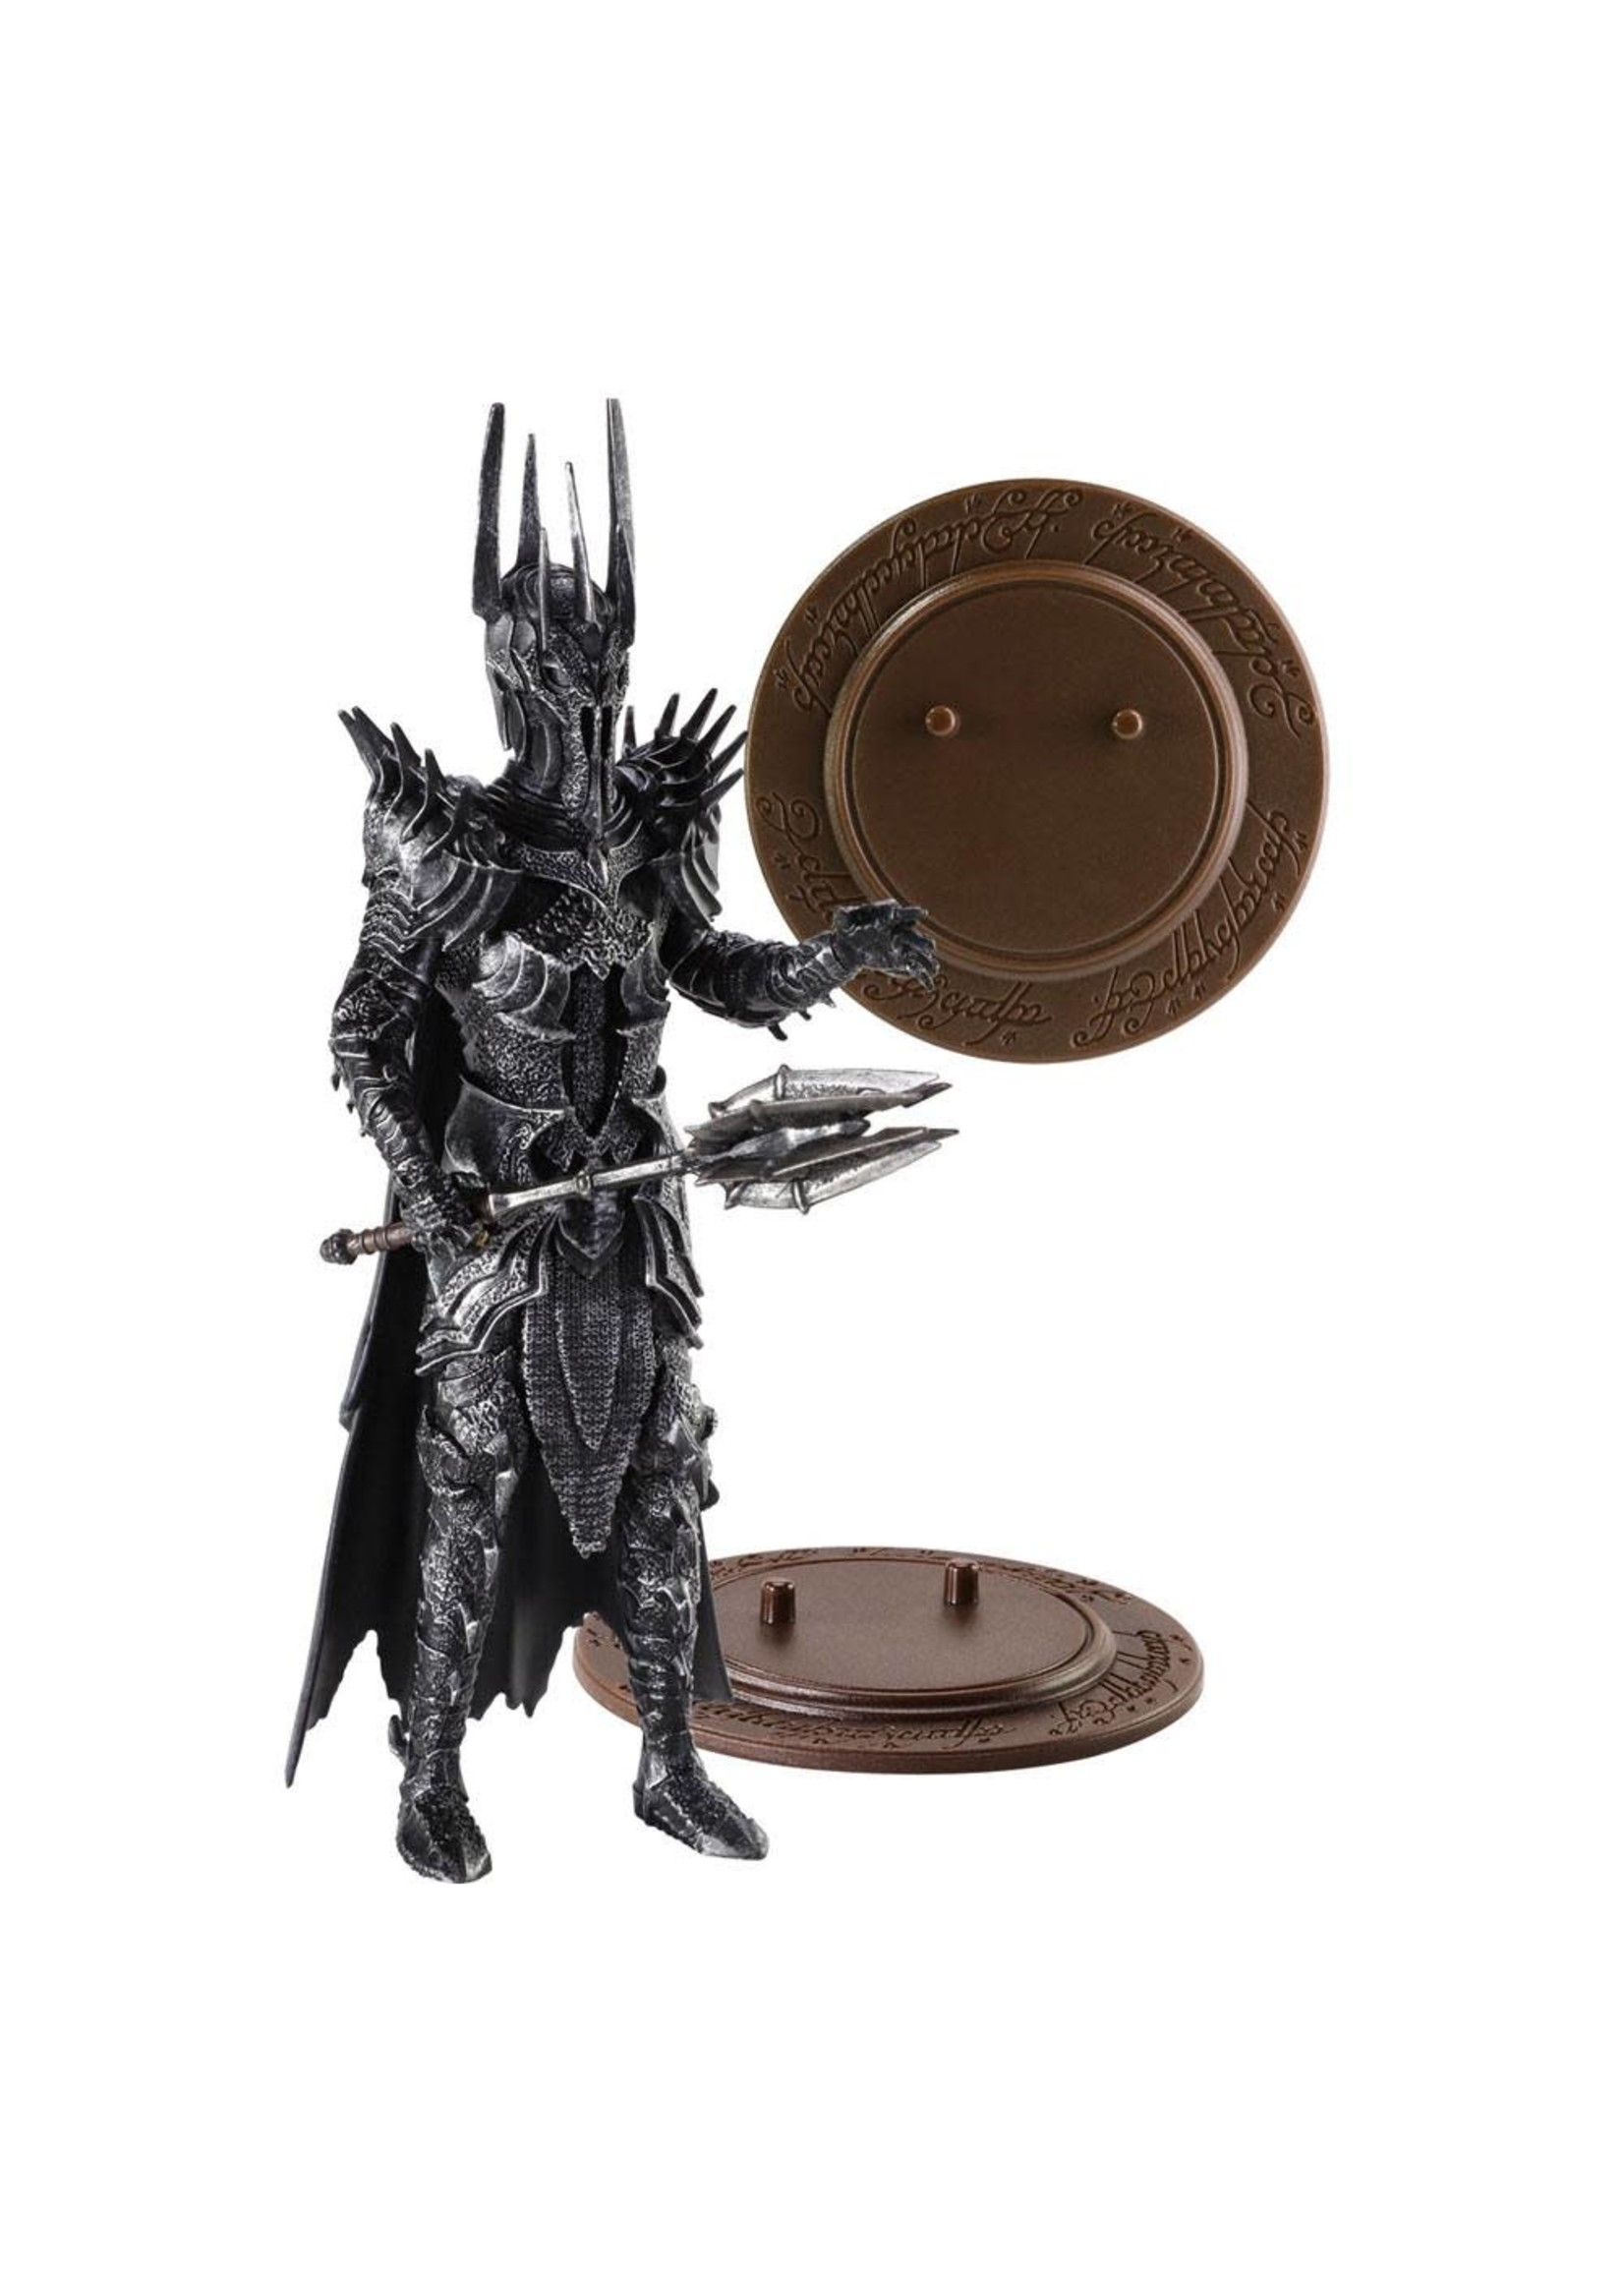 LOTR Sauron Bendyfig